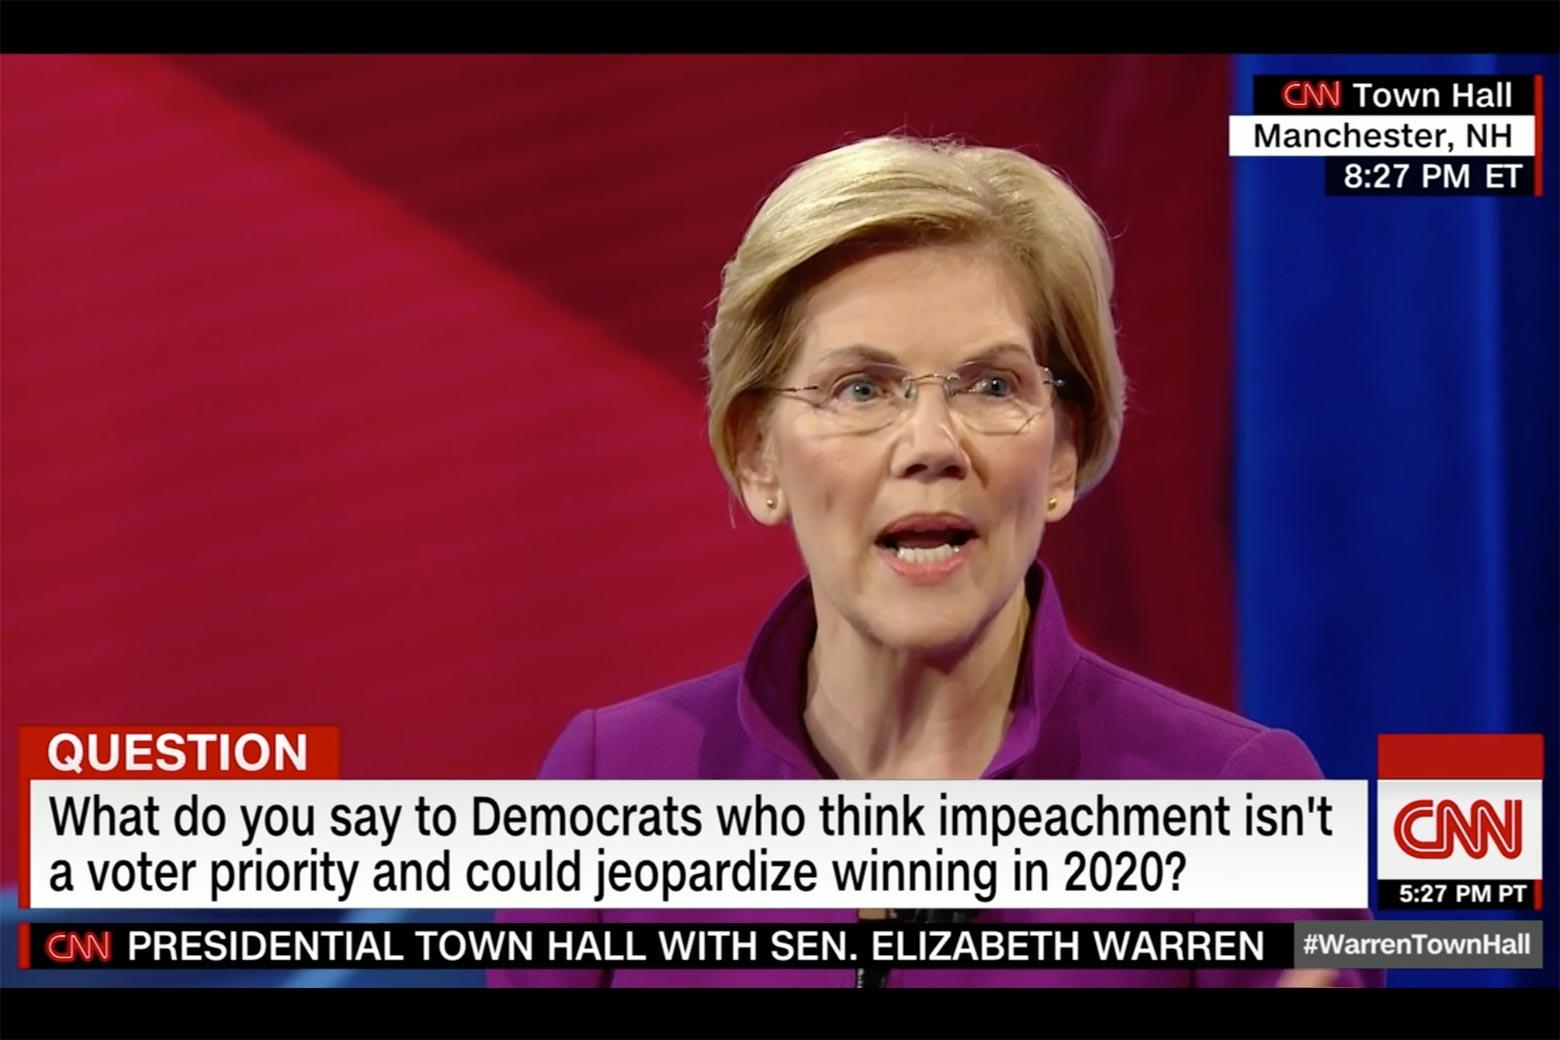 Elizabeth Warren shown on screen answering questions on CNN.